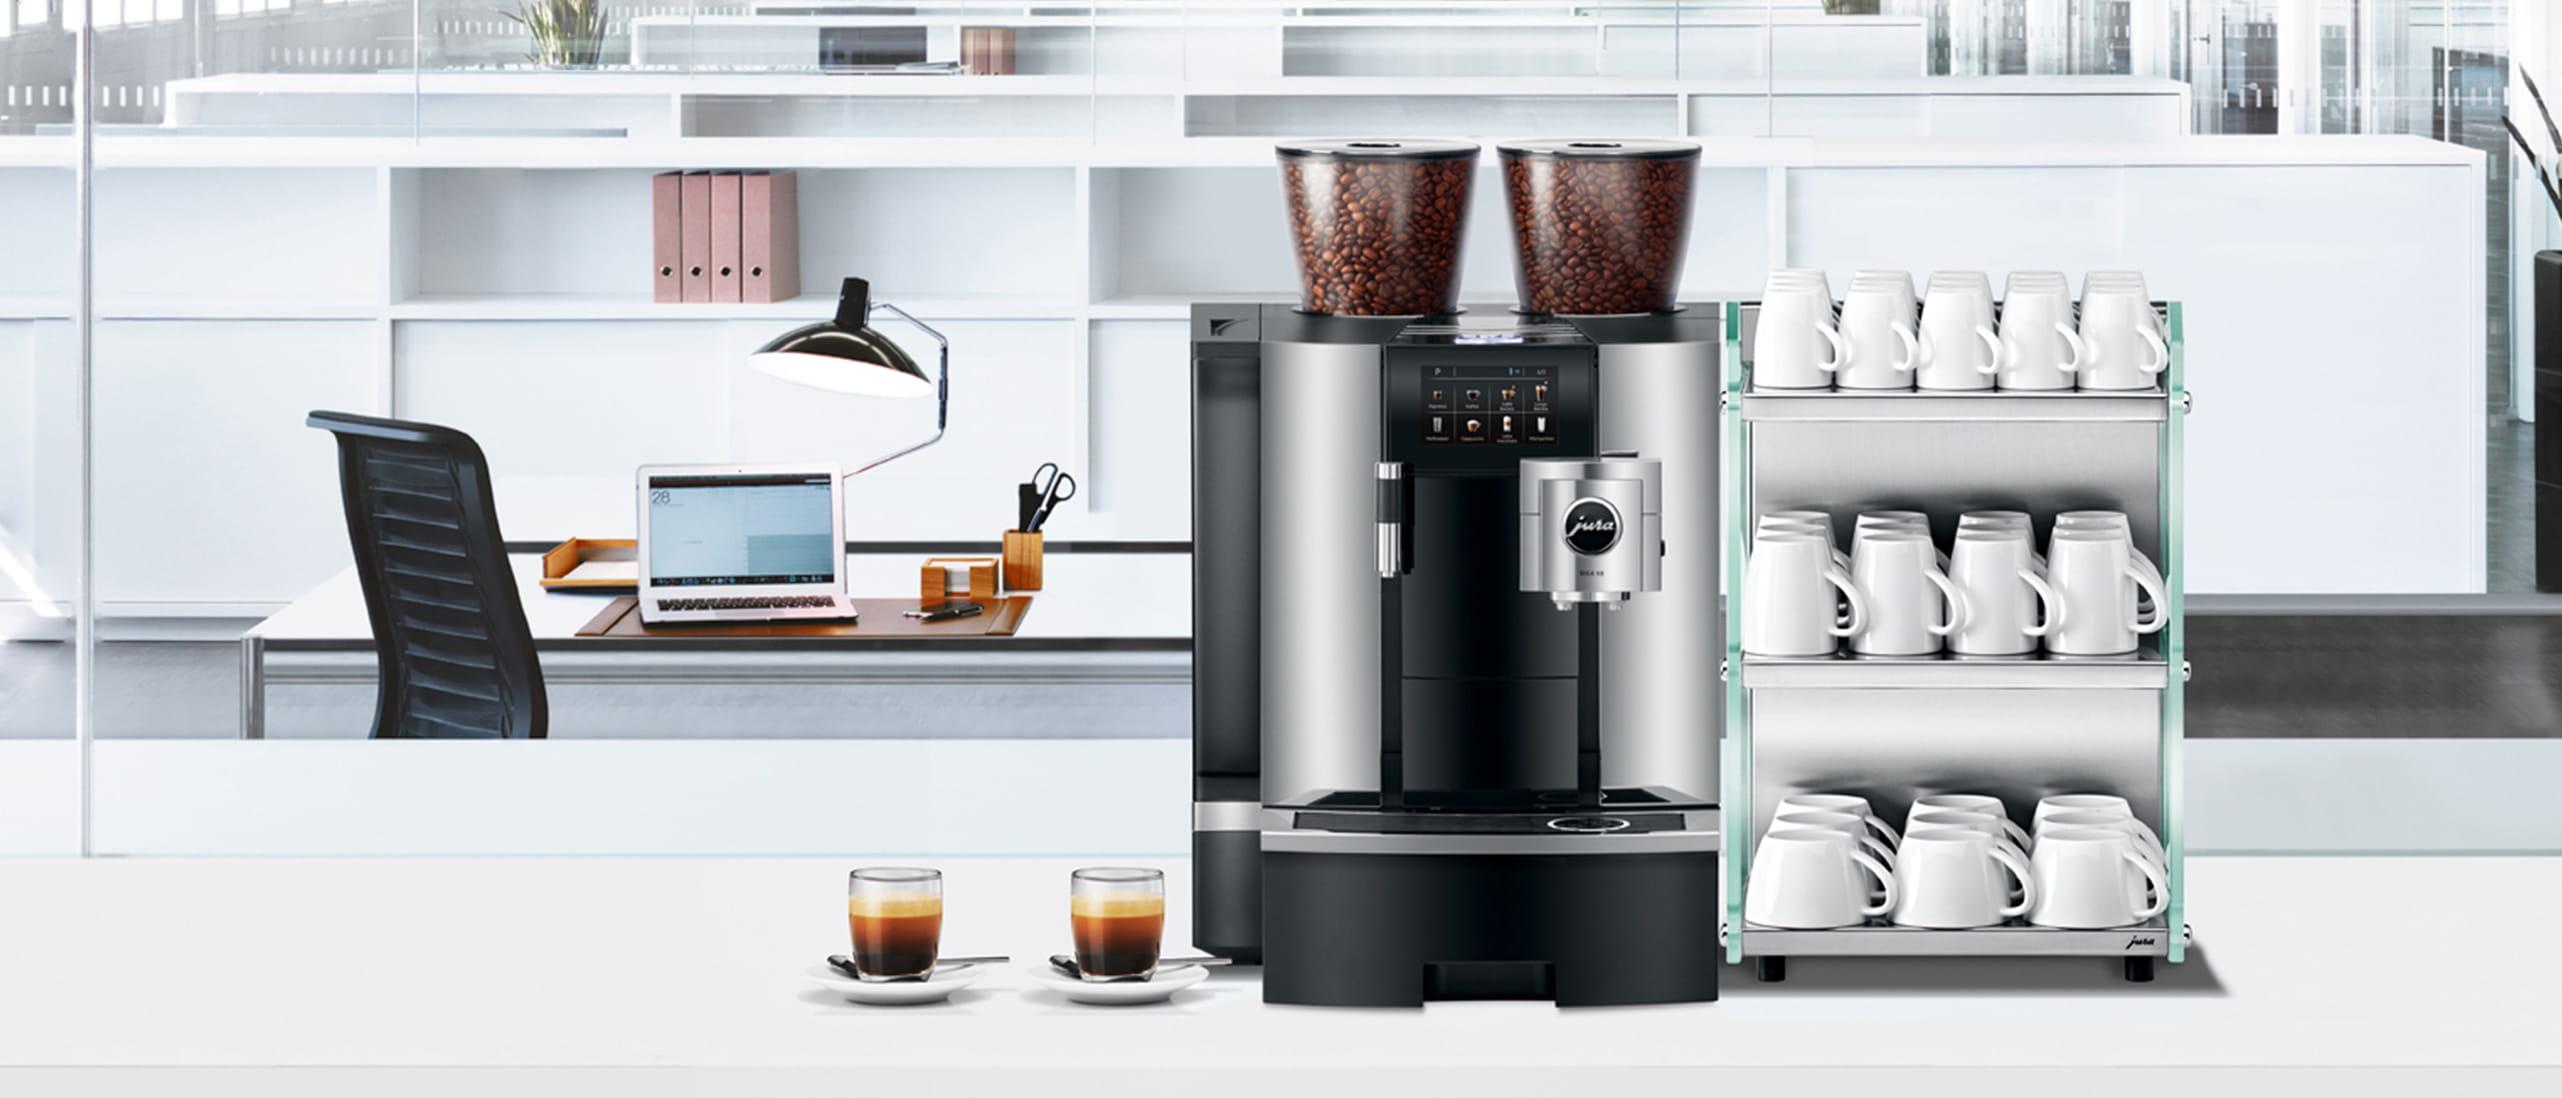 Macchine automatiche per specialità di caffè Professional ...